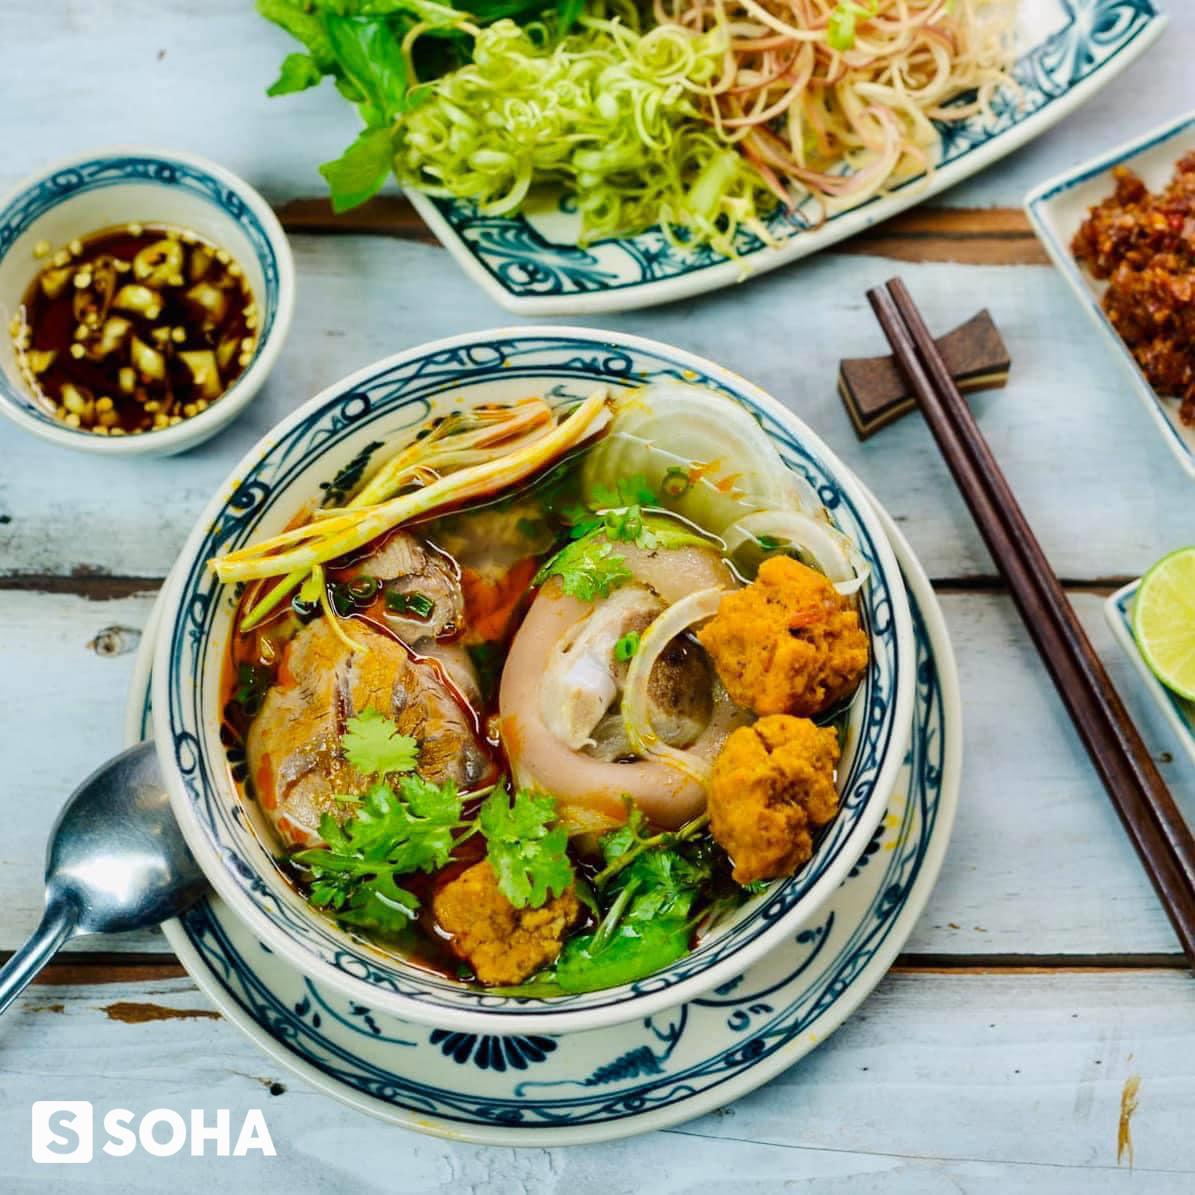 Siêu đầu bếp Võ Quốc: Từ dân chơi đua xe máu mặt Sài Gòn đến Đại sứ ẩm thực Việt Nam - Ảnh 8.